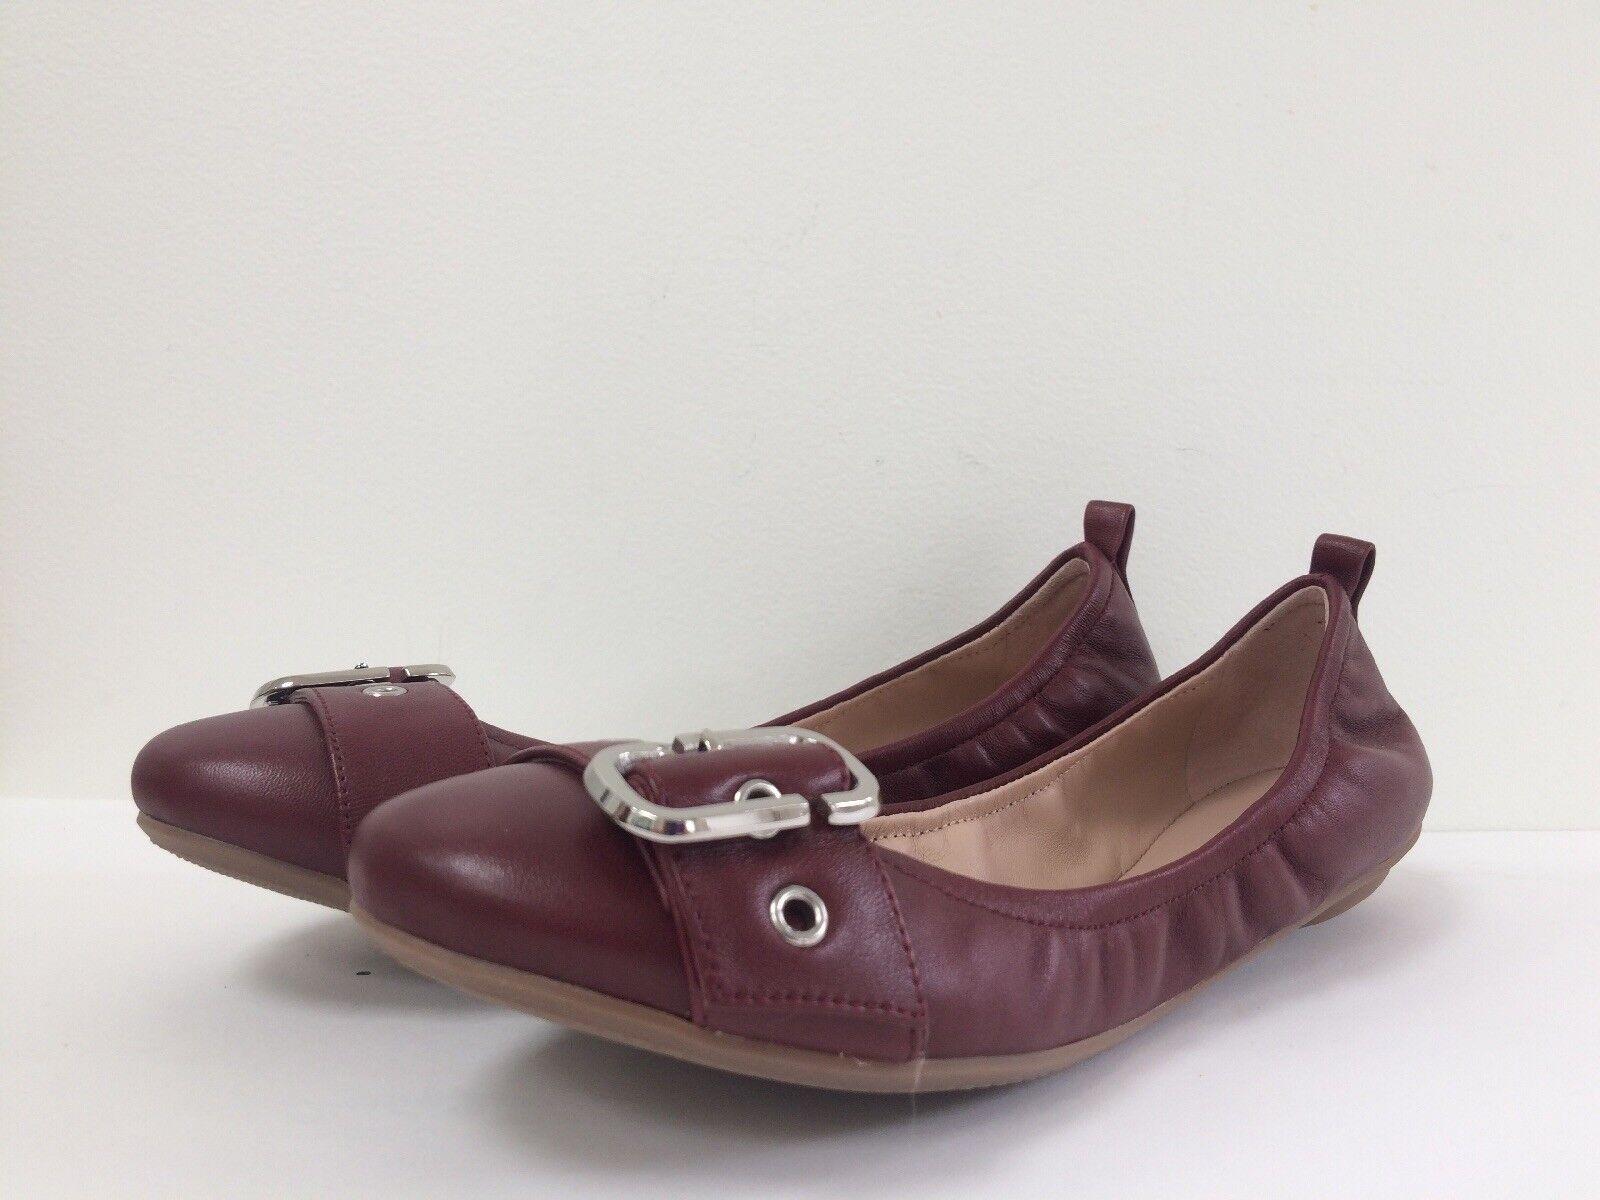 NIB Marc Jacobs Flat Dolly Pelle Buckled Ballerina Flat Jacobs 36.5 US 6.5 New Bordeaux 58aa21